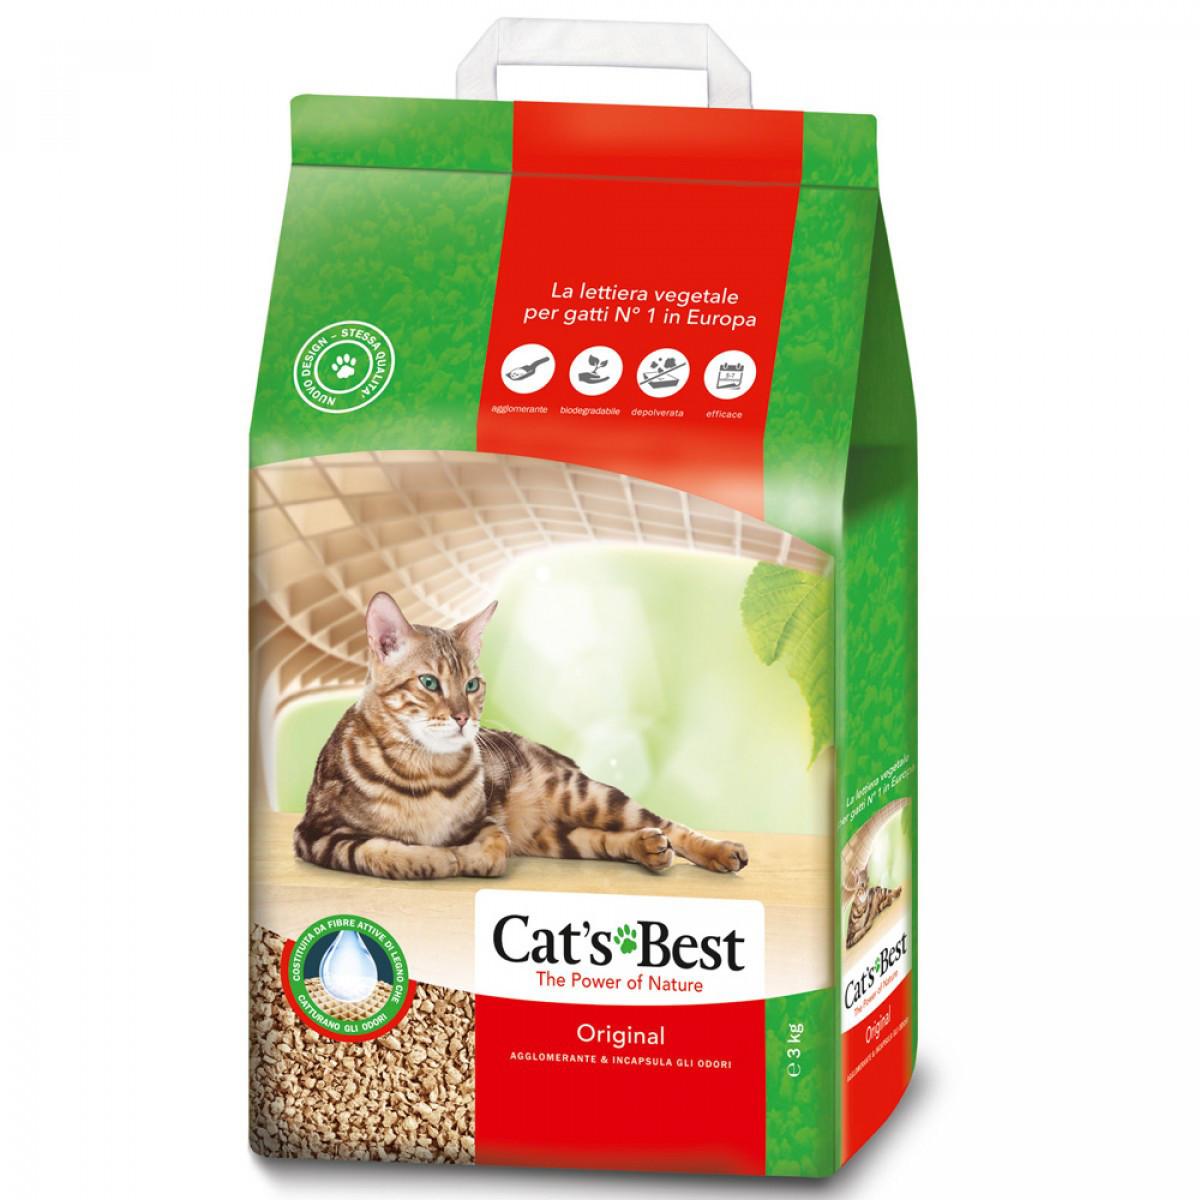 Cat's Best Original 20л ( 8,6 кг ) - наполнитель древесный